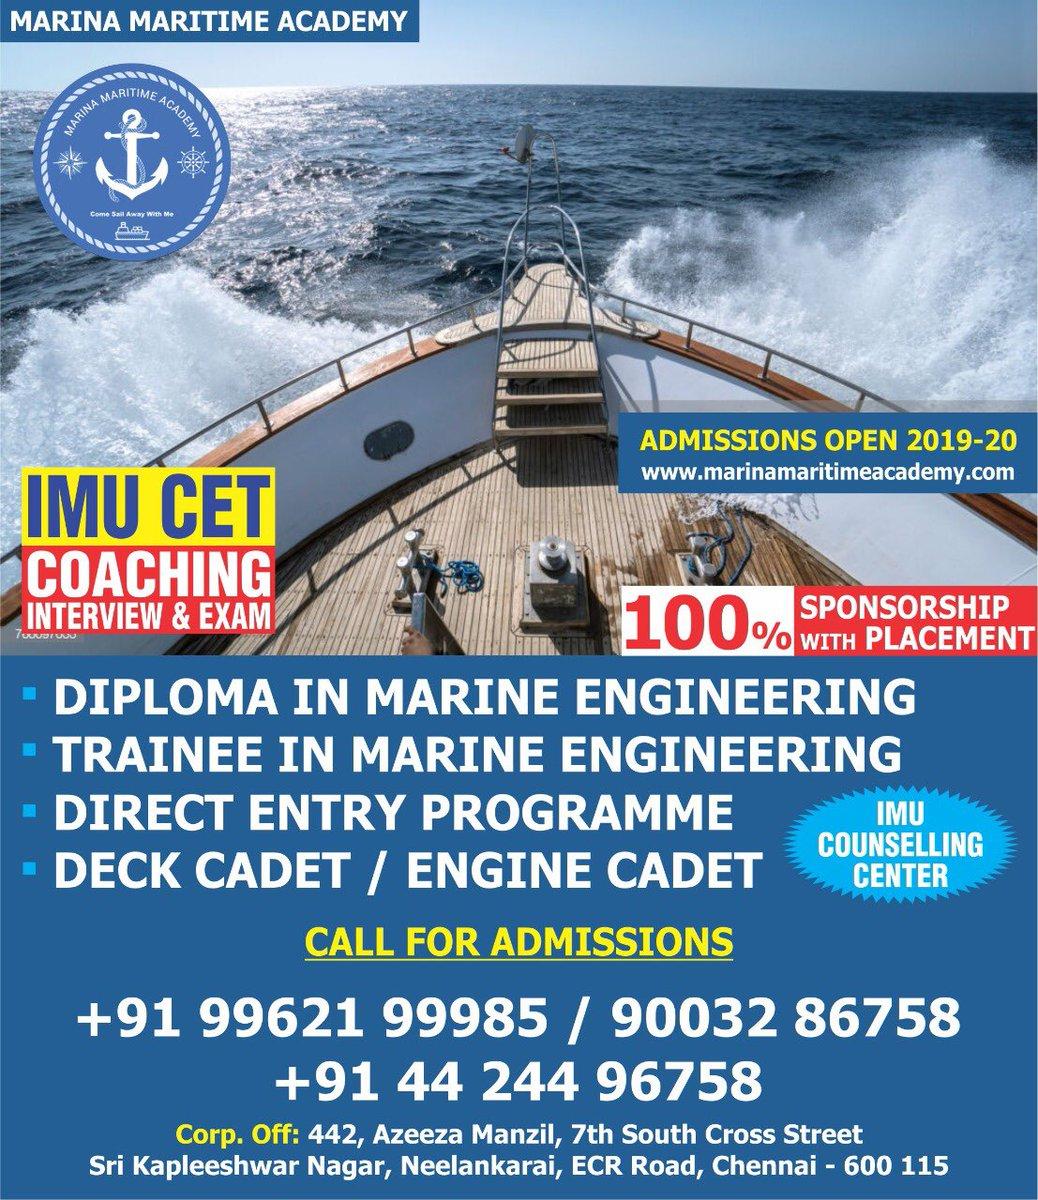 Marina Maritime Academy on Twitter: